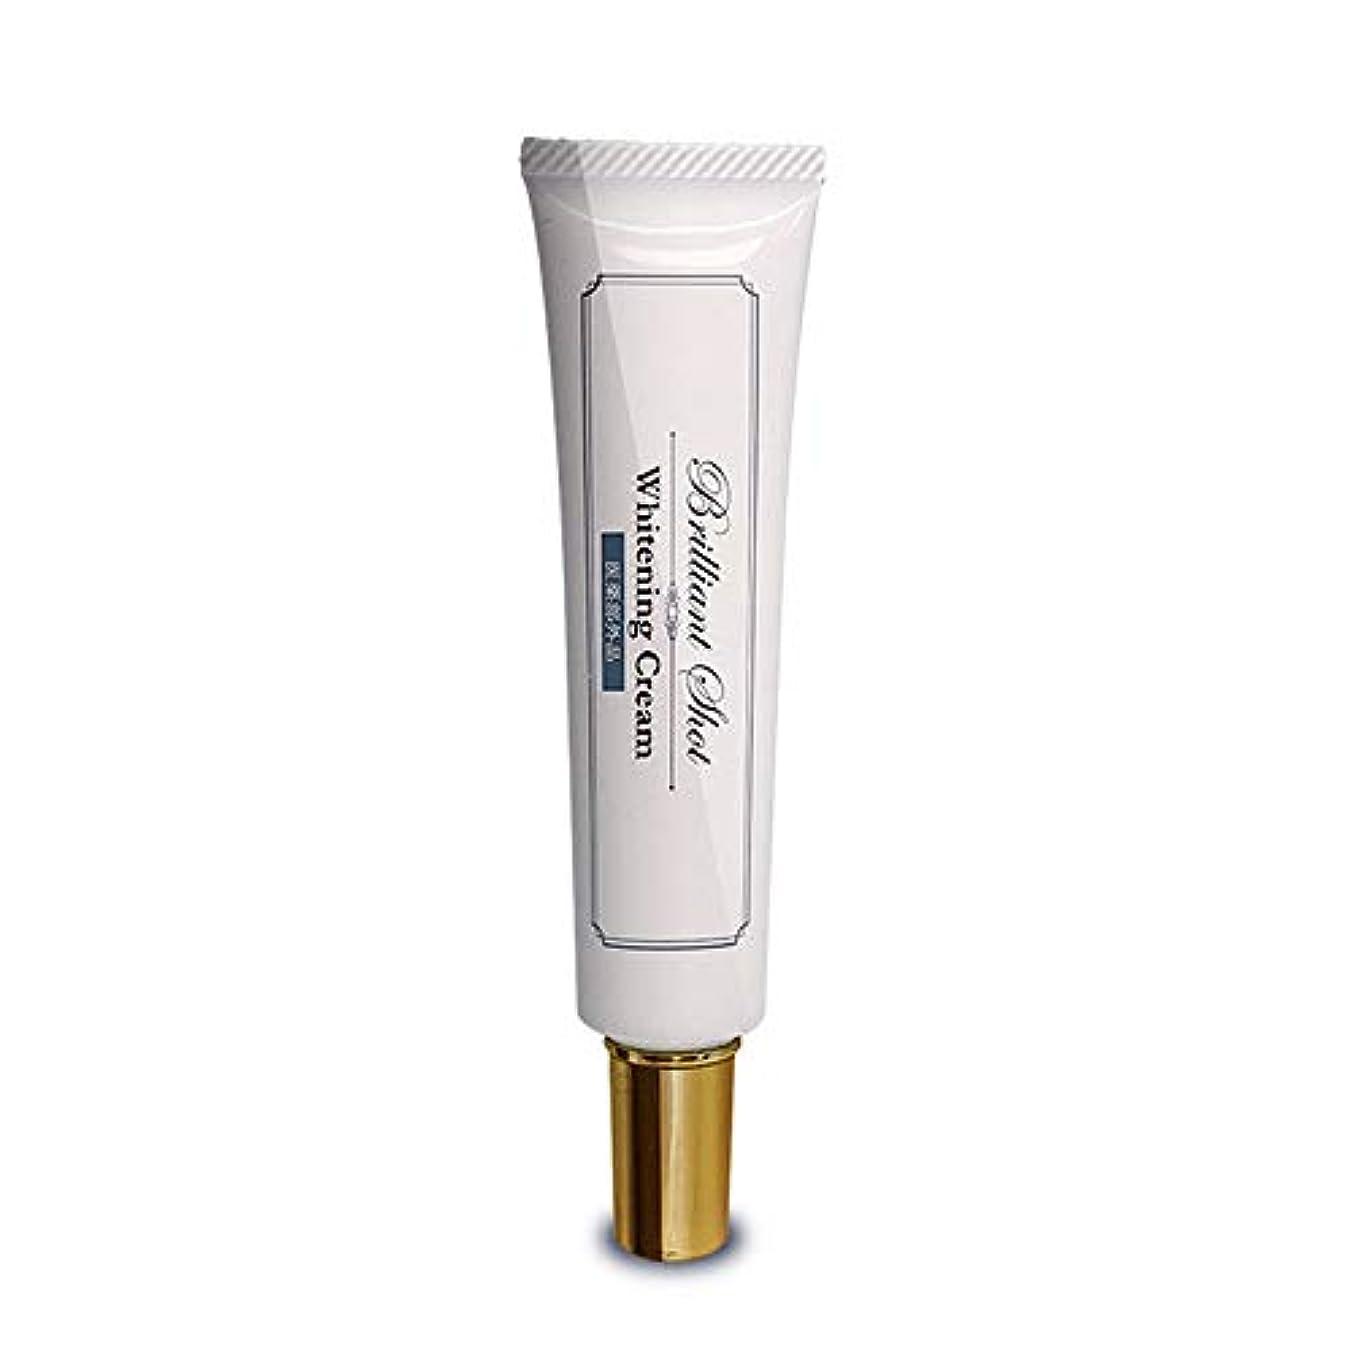 【医薬部外品】ブリリアントショット ホワイトニングクリーム Brilliant Shot Whitening Cream / クリーム スキンケア シミ 肌 美容